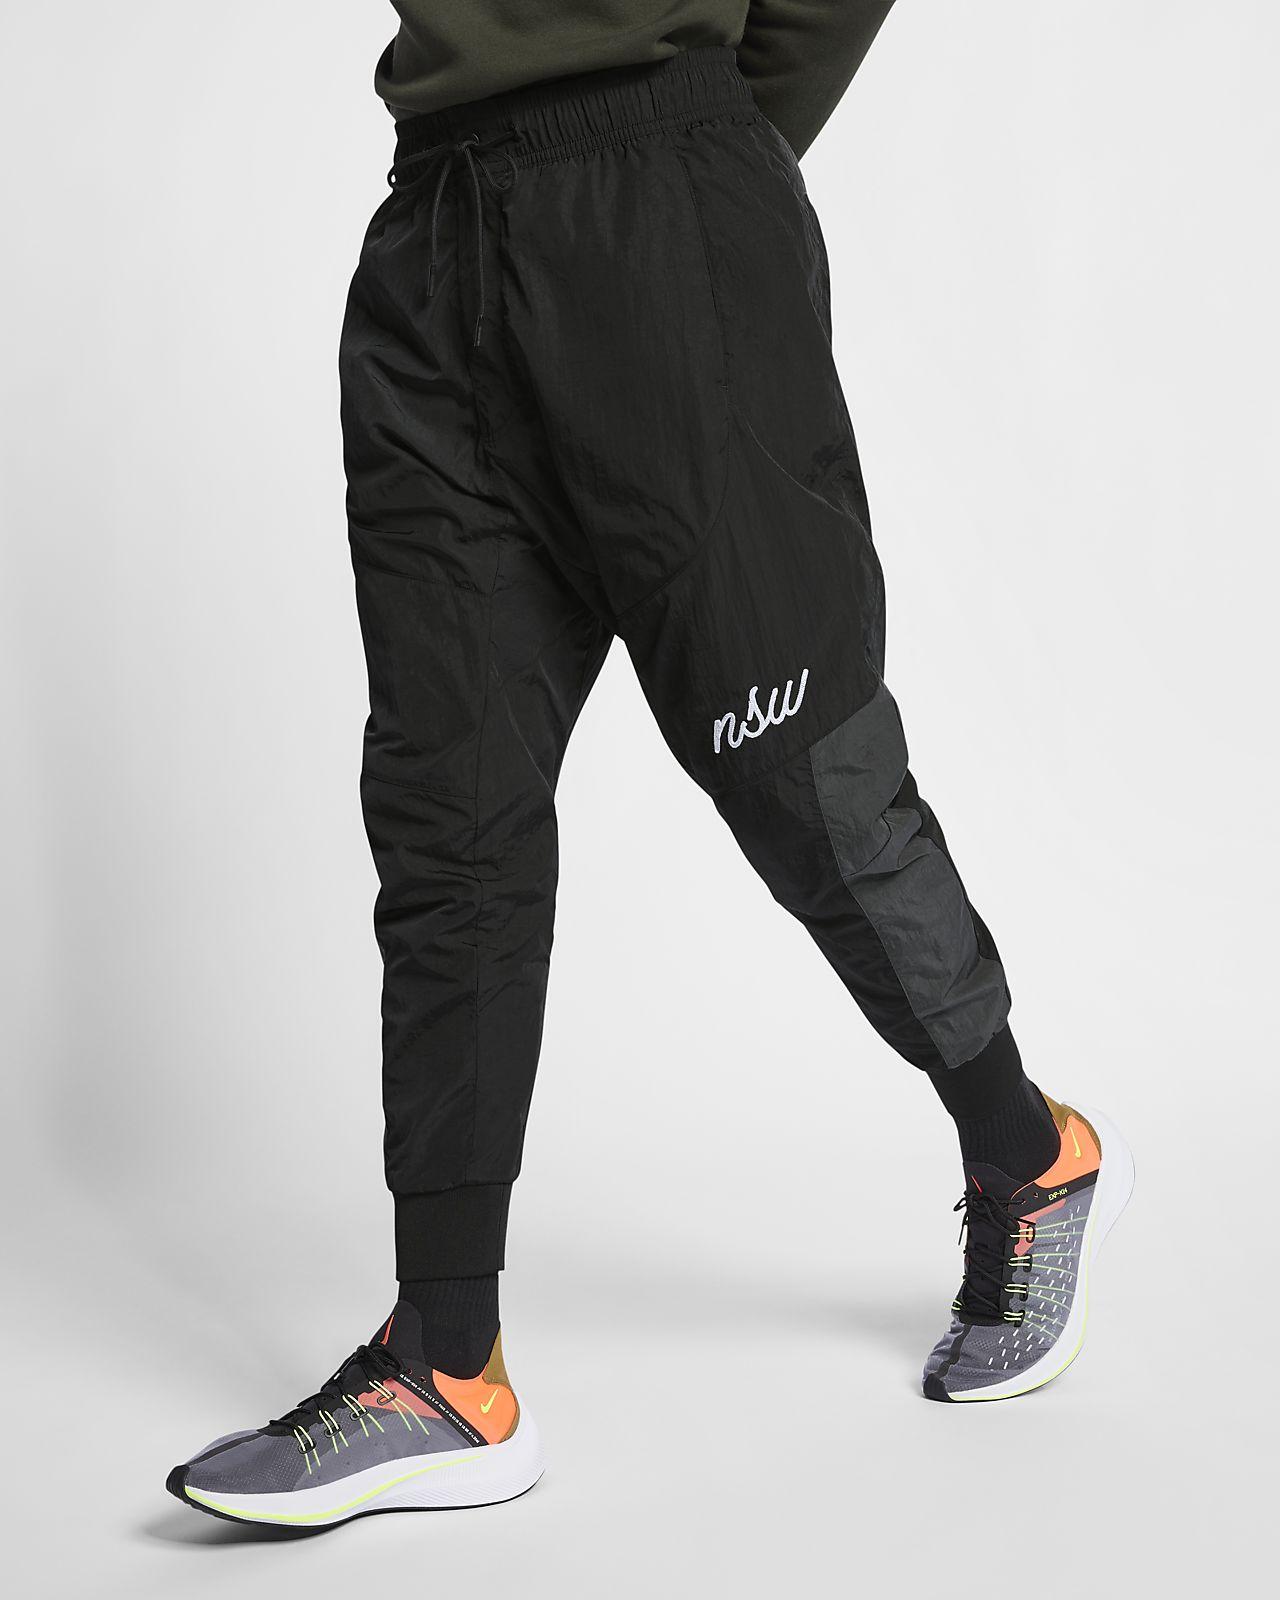 Pantalon de jogging tissé Nike Sportswear NSW pour Homme